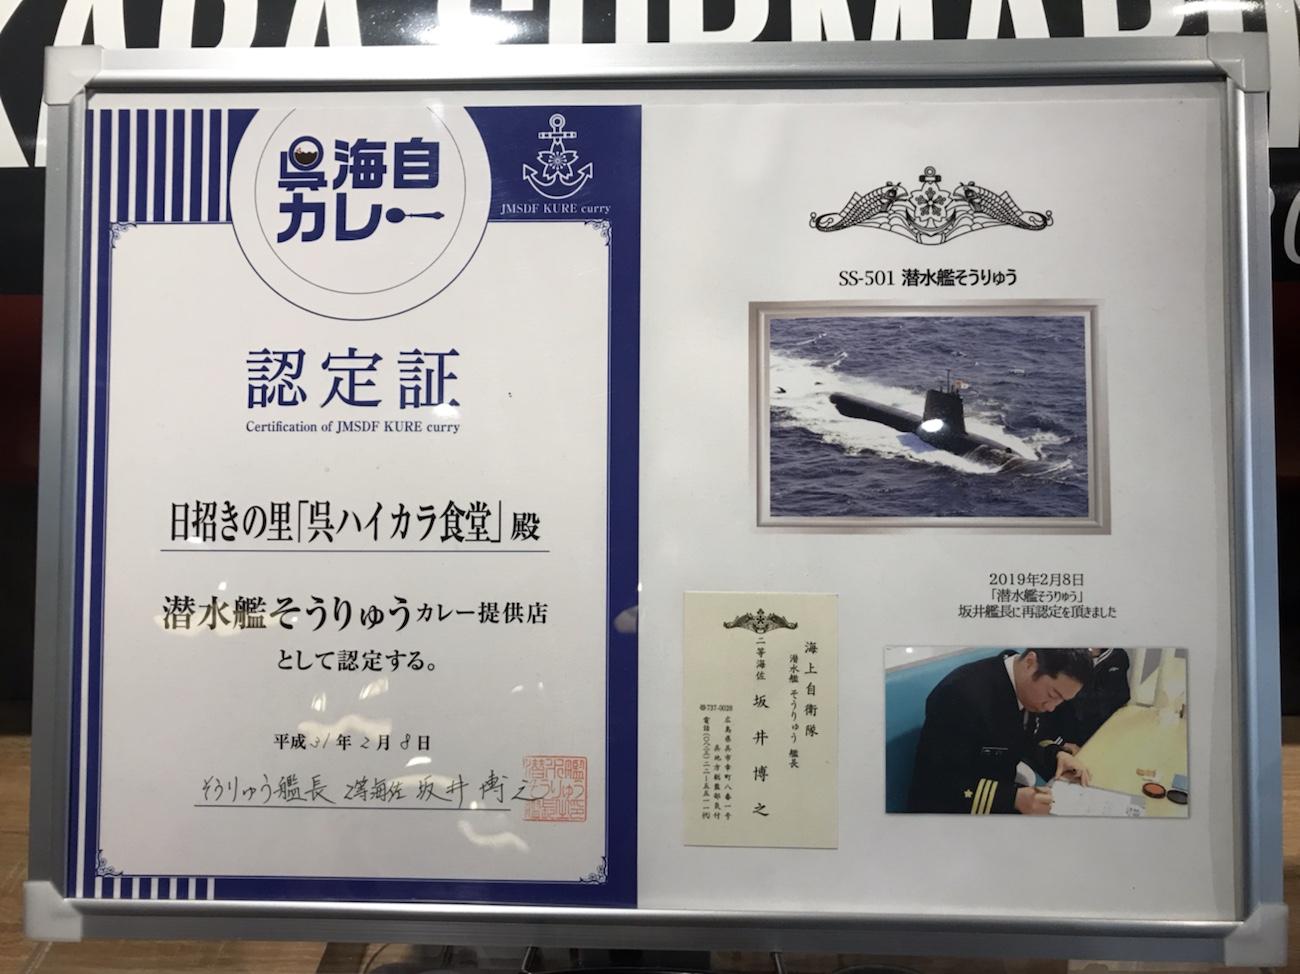 呉ハイカラ食堂の海自カレー 潜水艦そうりゅう